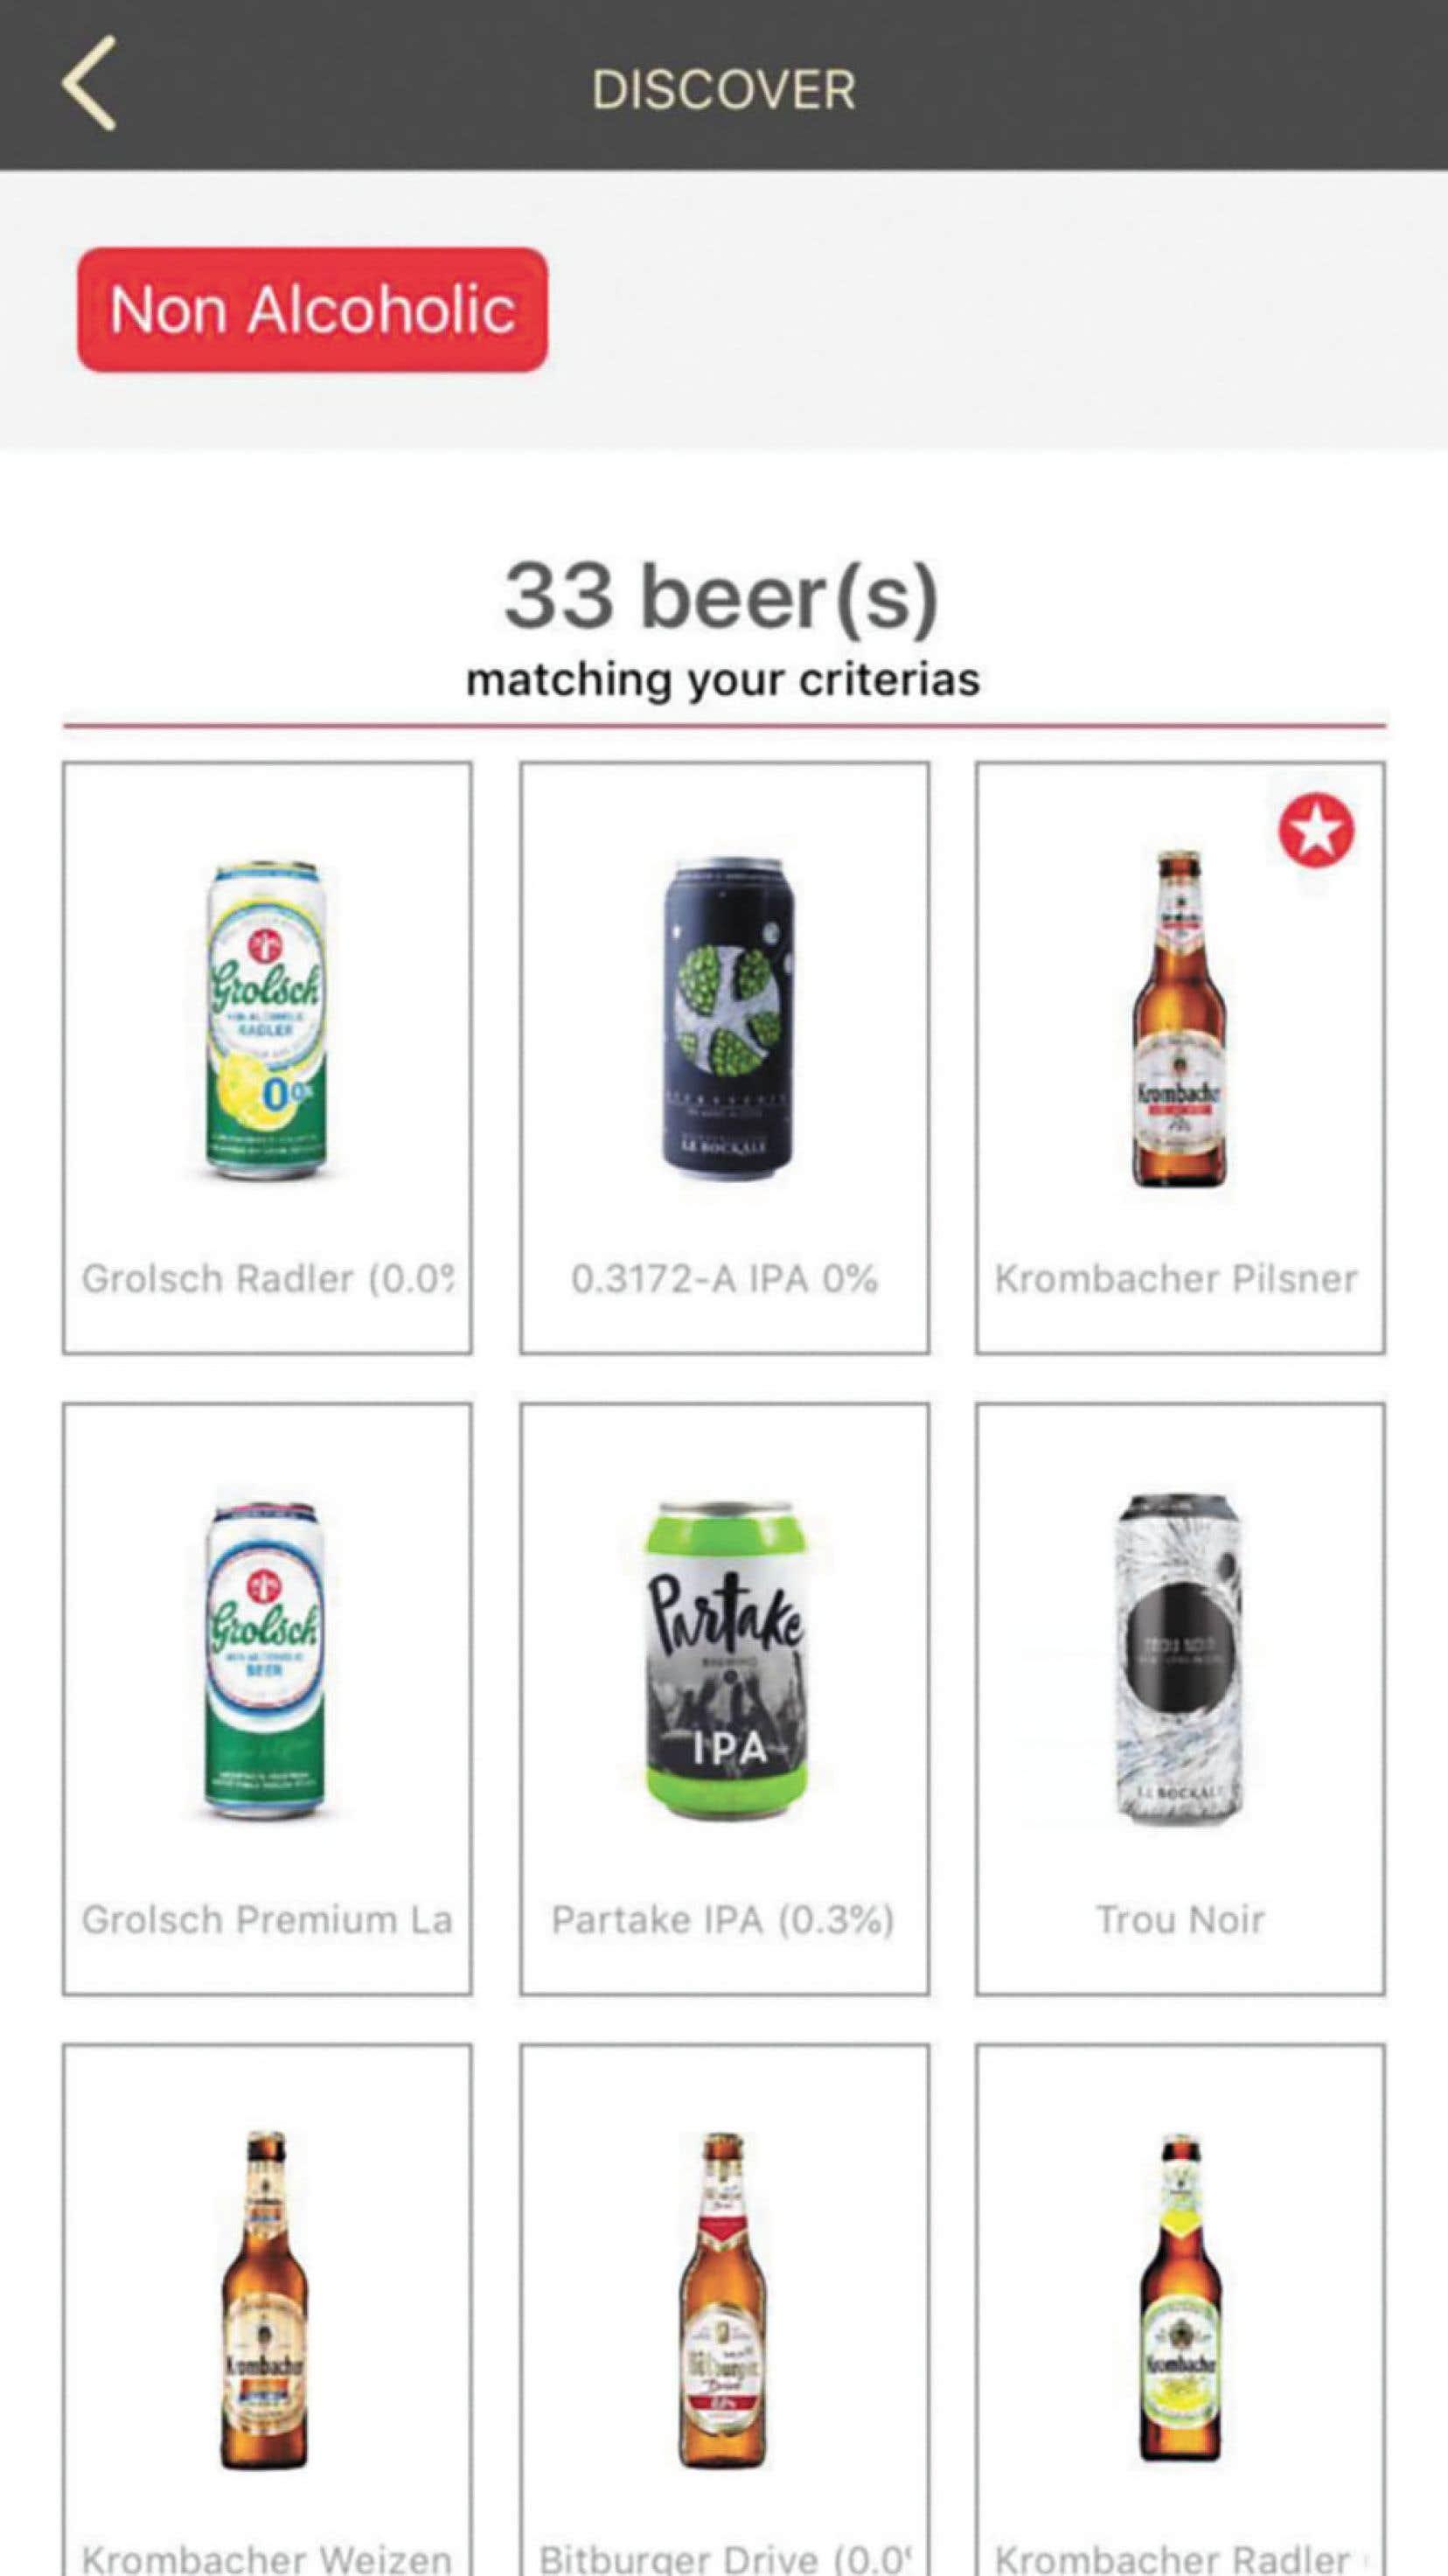 En ouvrant Birre & Co., vous vous retrouverez face à un catalogue qui vous permettra non seulement de découvrir de nouvelles bières correspondant à vos préférences du moment, mais aussi de bénéficier de rabais sur celles-ci.